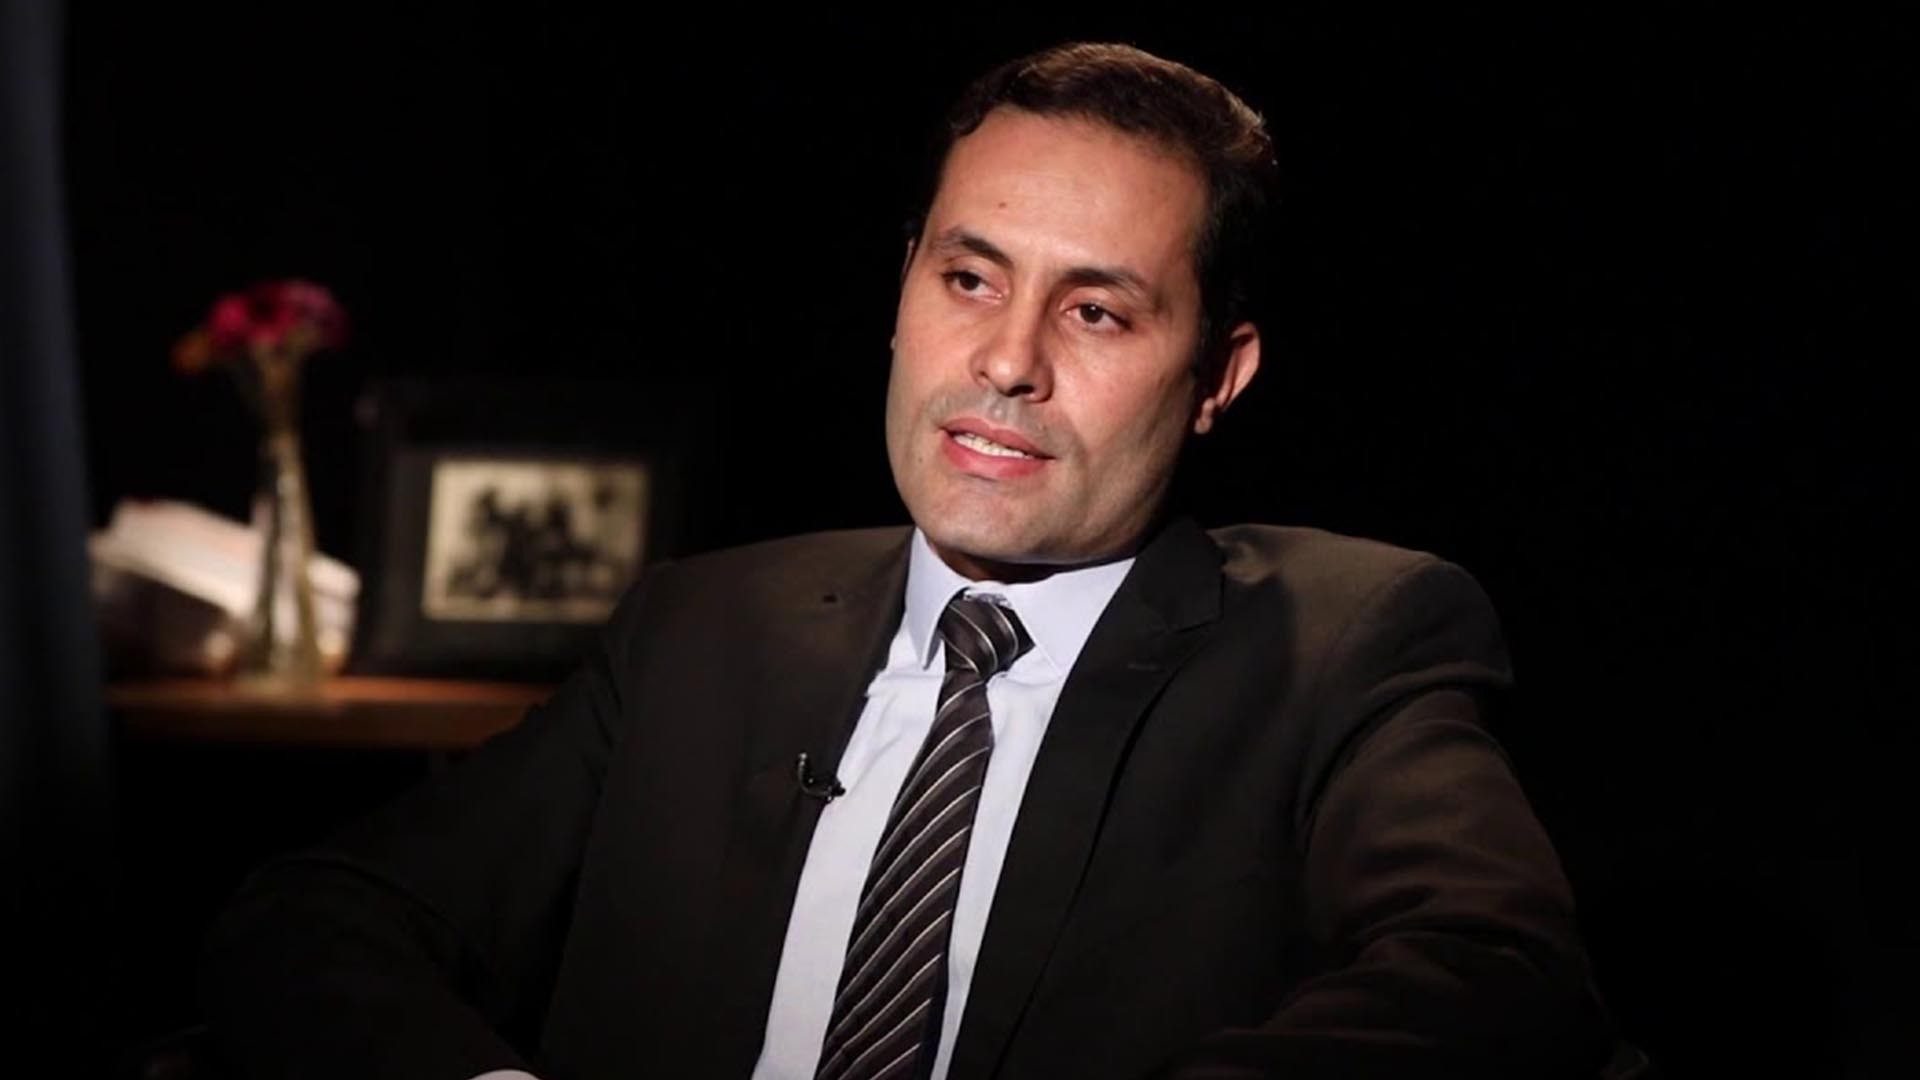 مجلس النواب يبحث إسقاط عضوية أحمد الطنطاوي